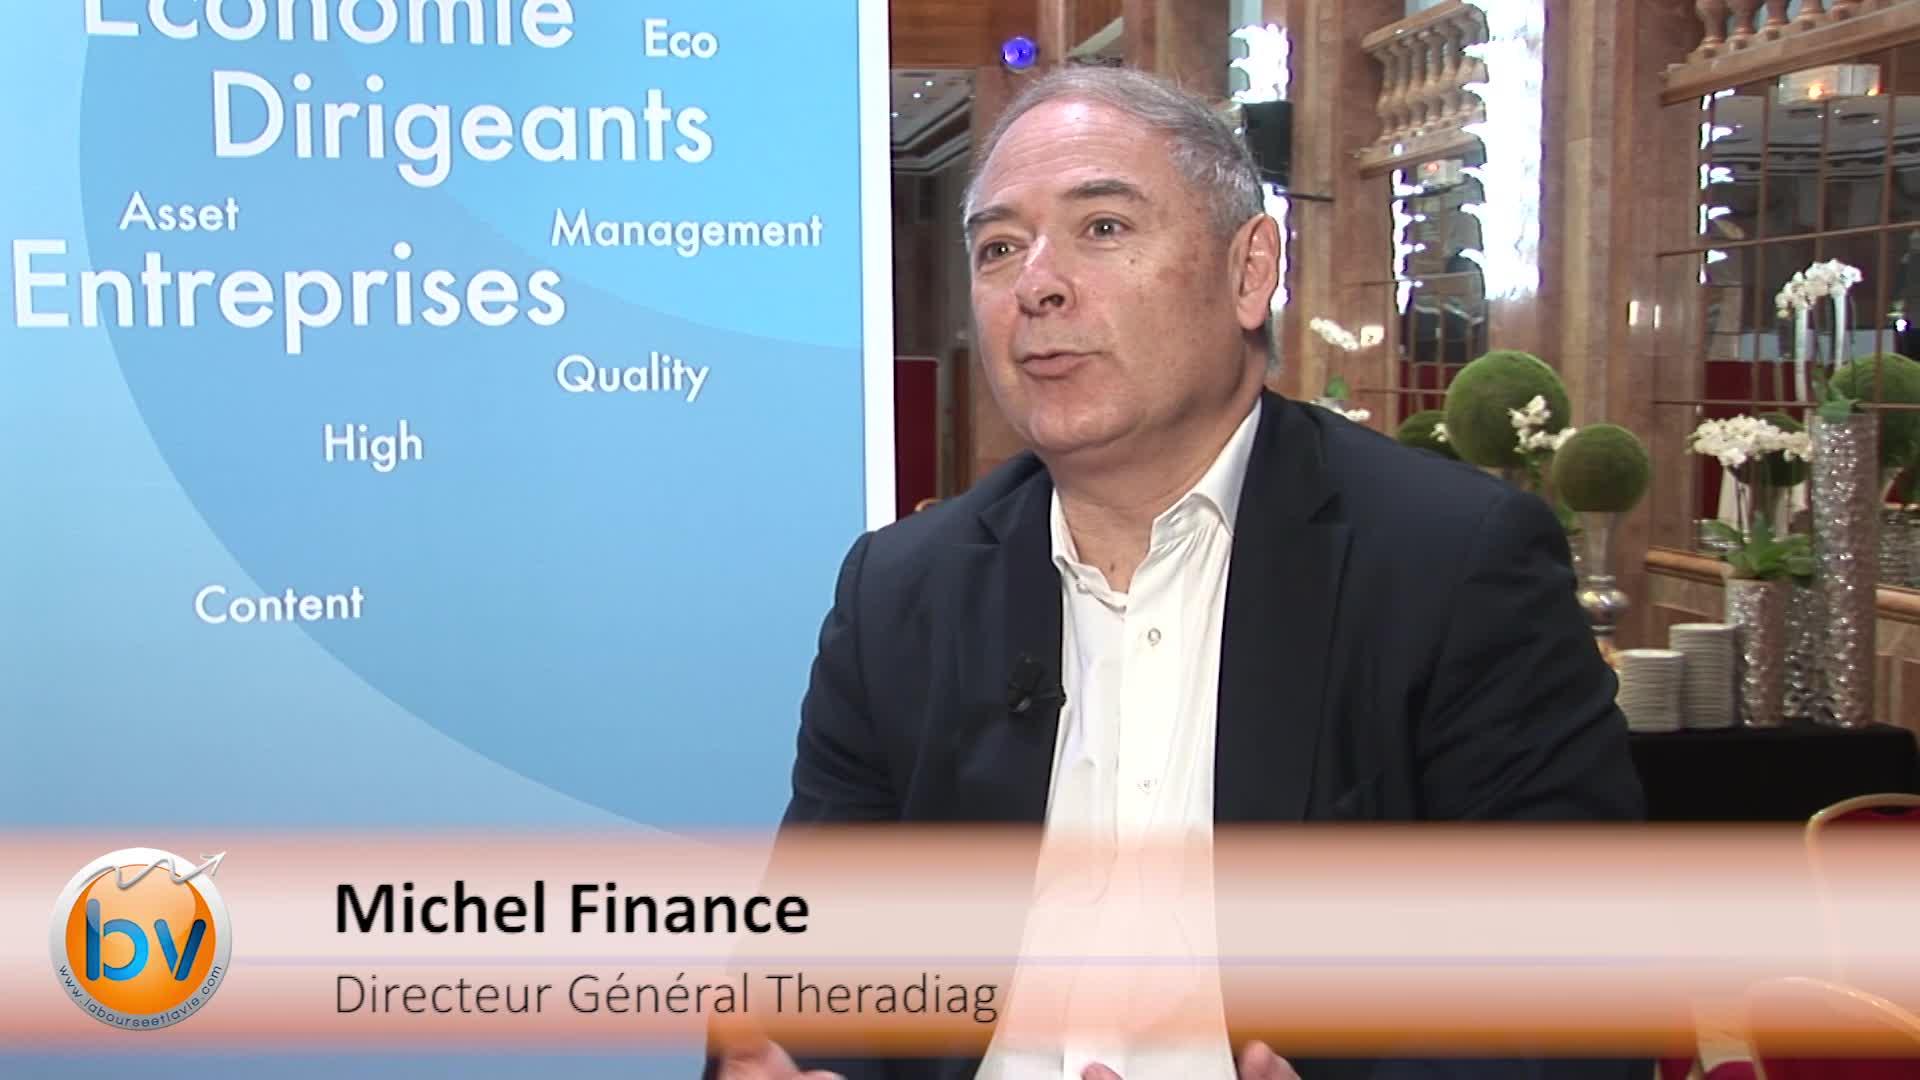 Michel Finance Directeur Général Theradiag : «Revenir à l'équilibre dans les deux ans»